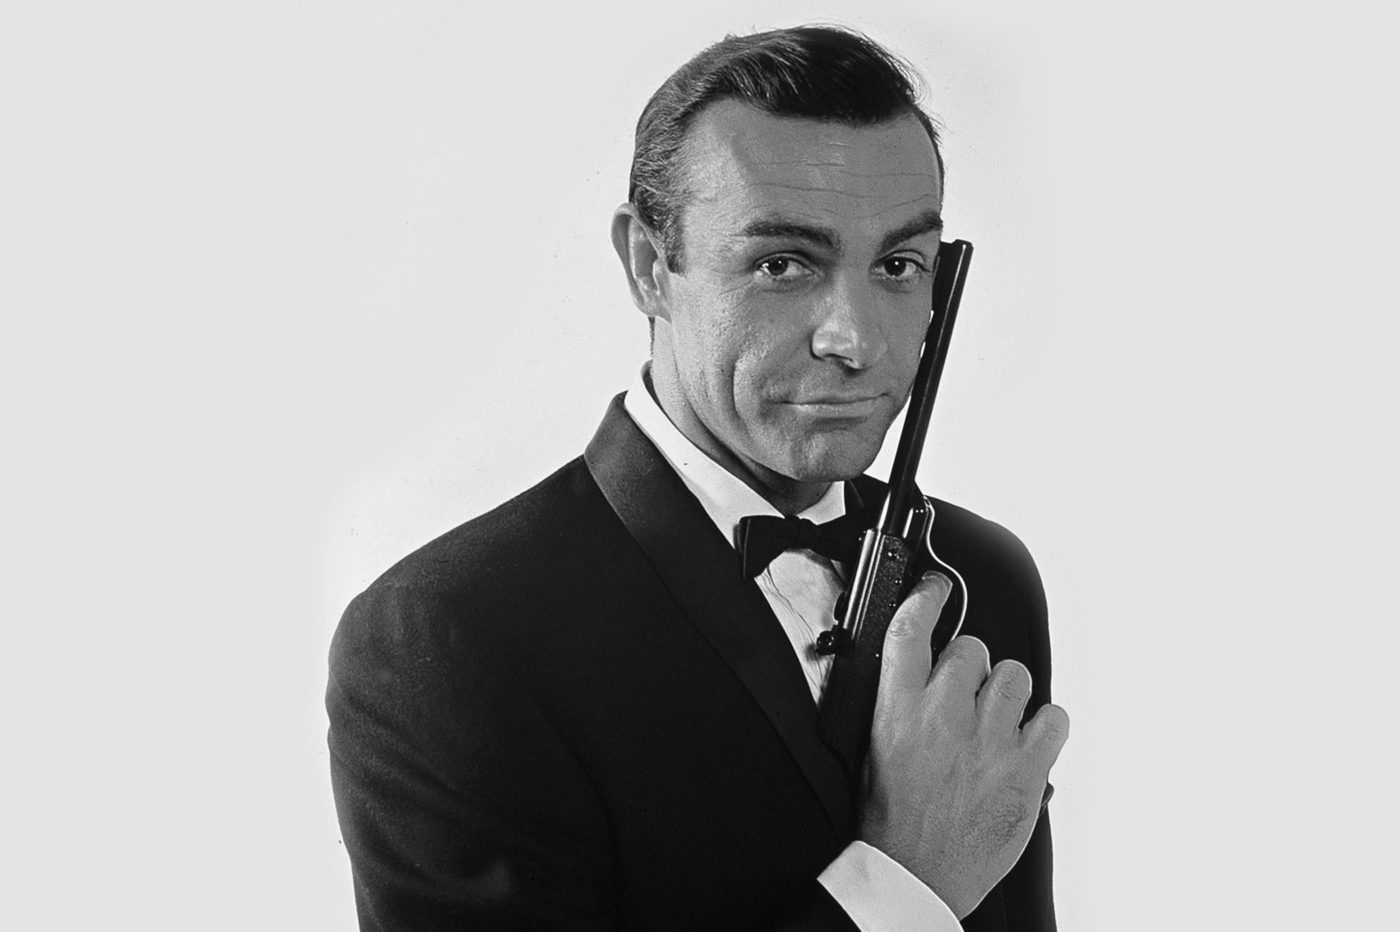 Sir Sean Connery – pierwszy odtwórca roli Jamesa Bonda – odszedł w wieku 90 lat